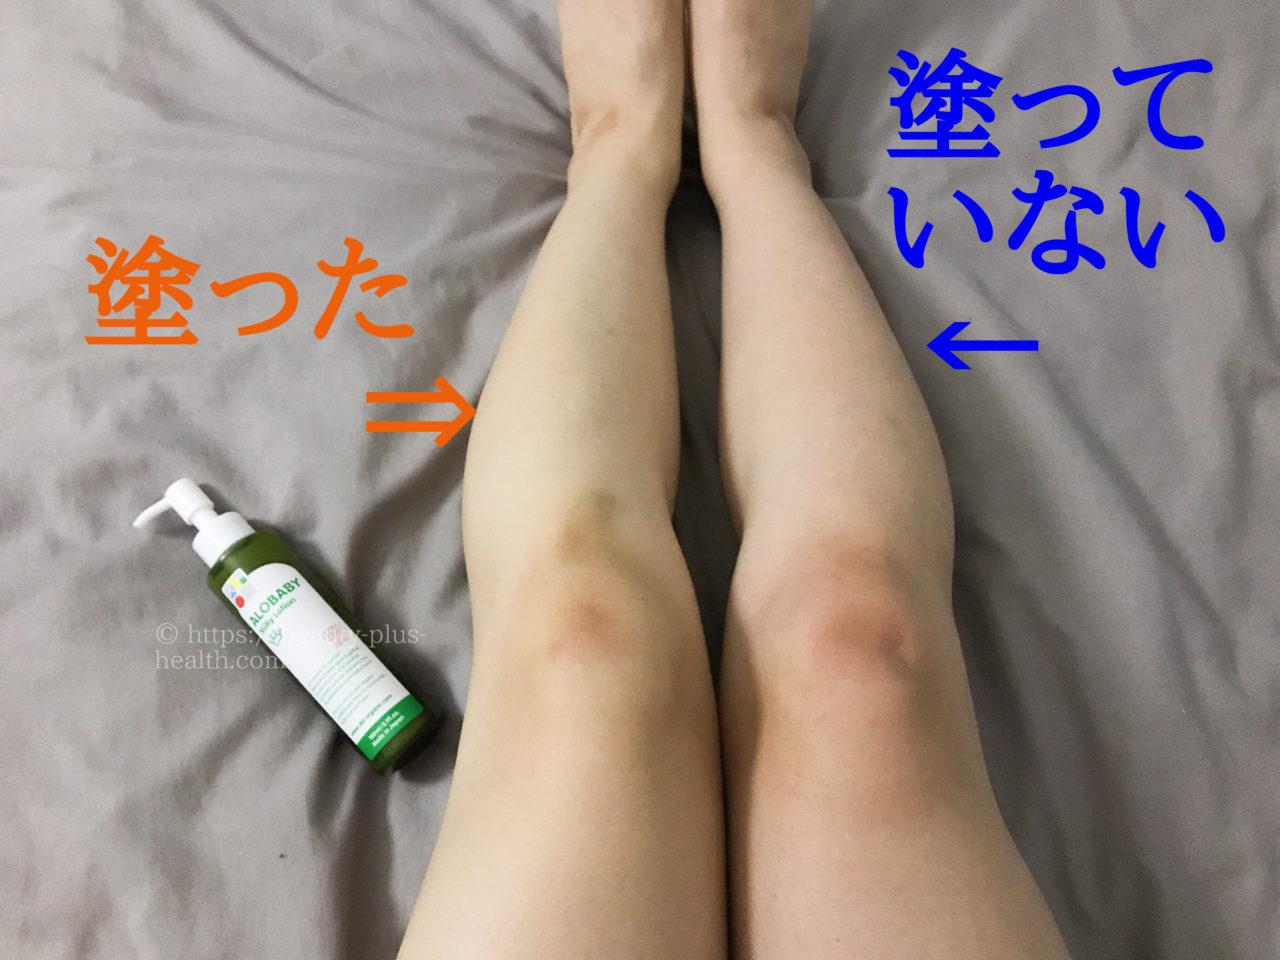 アロベビーミルクローションを塗った左脚と、塗っていない右脚を比較。